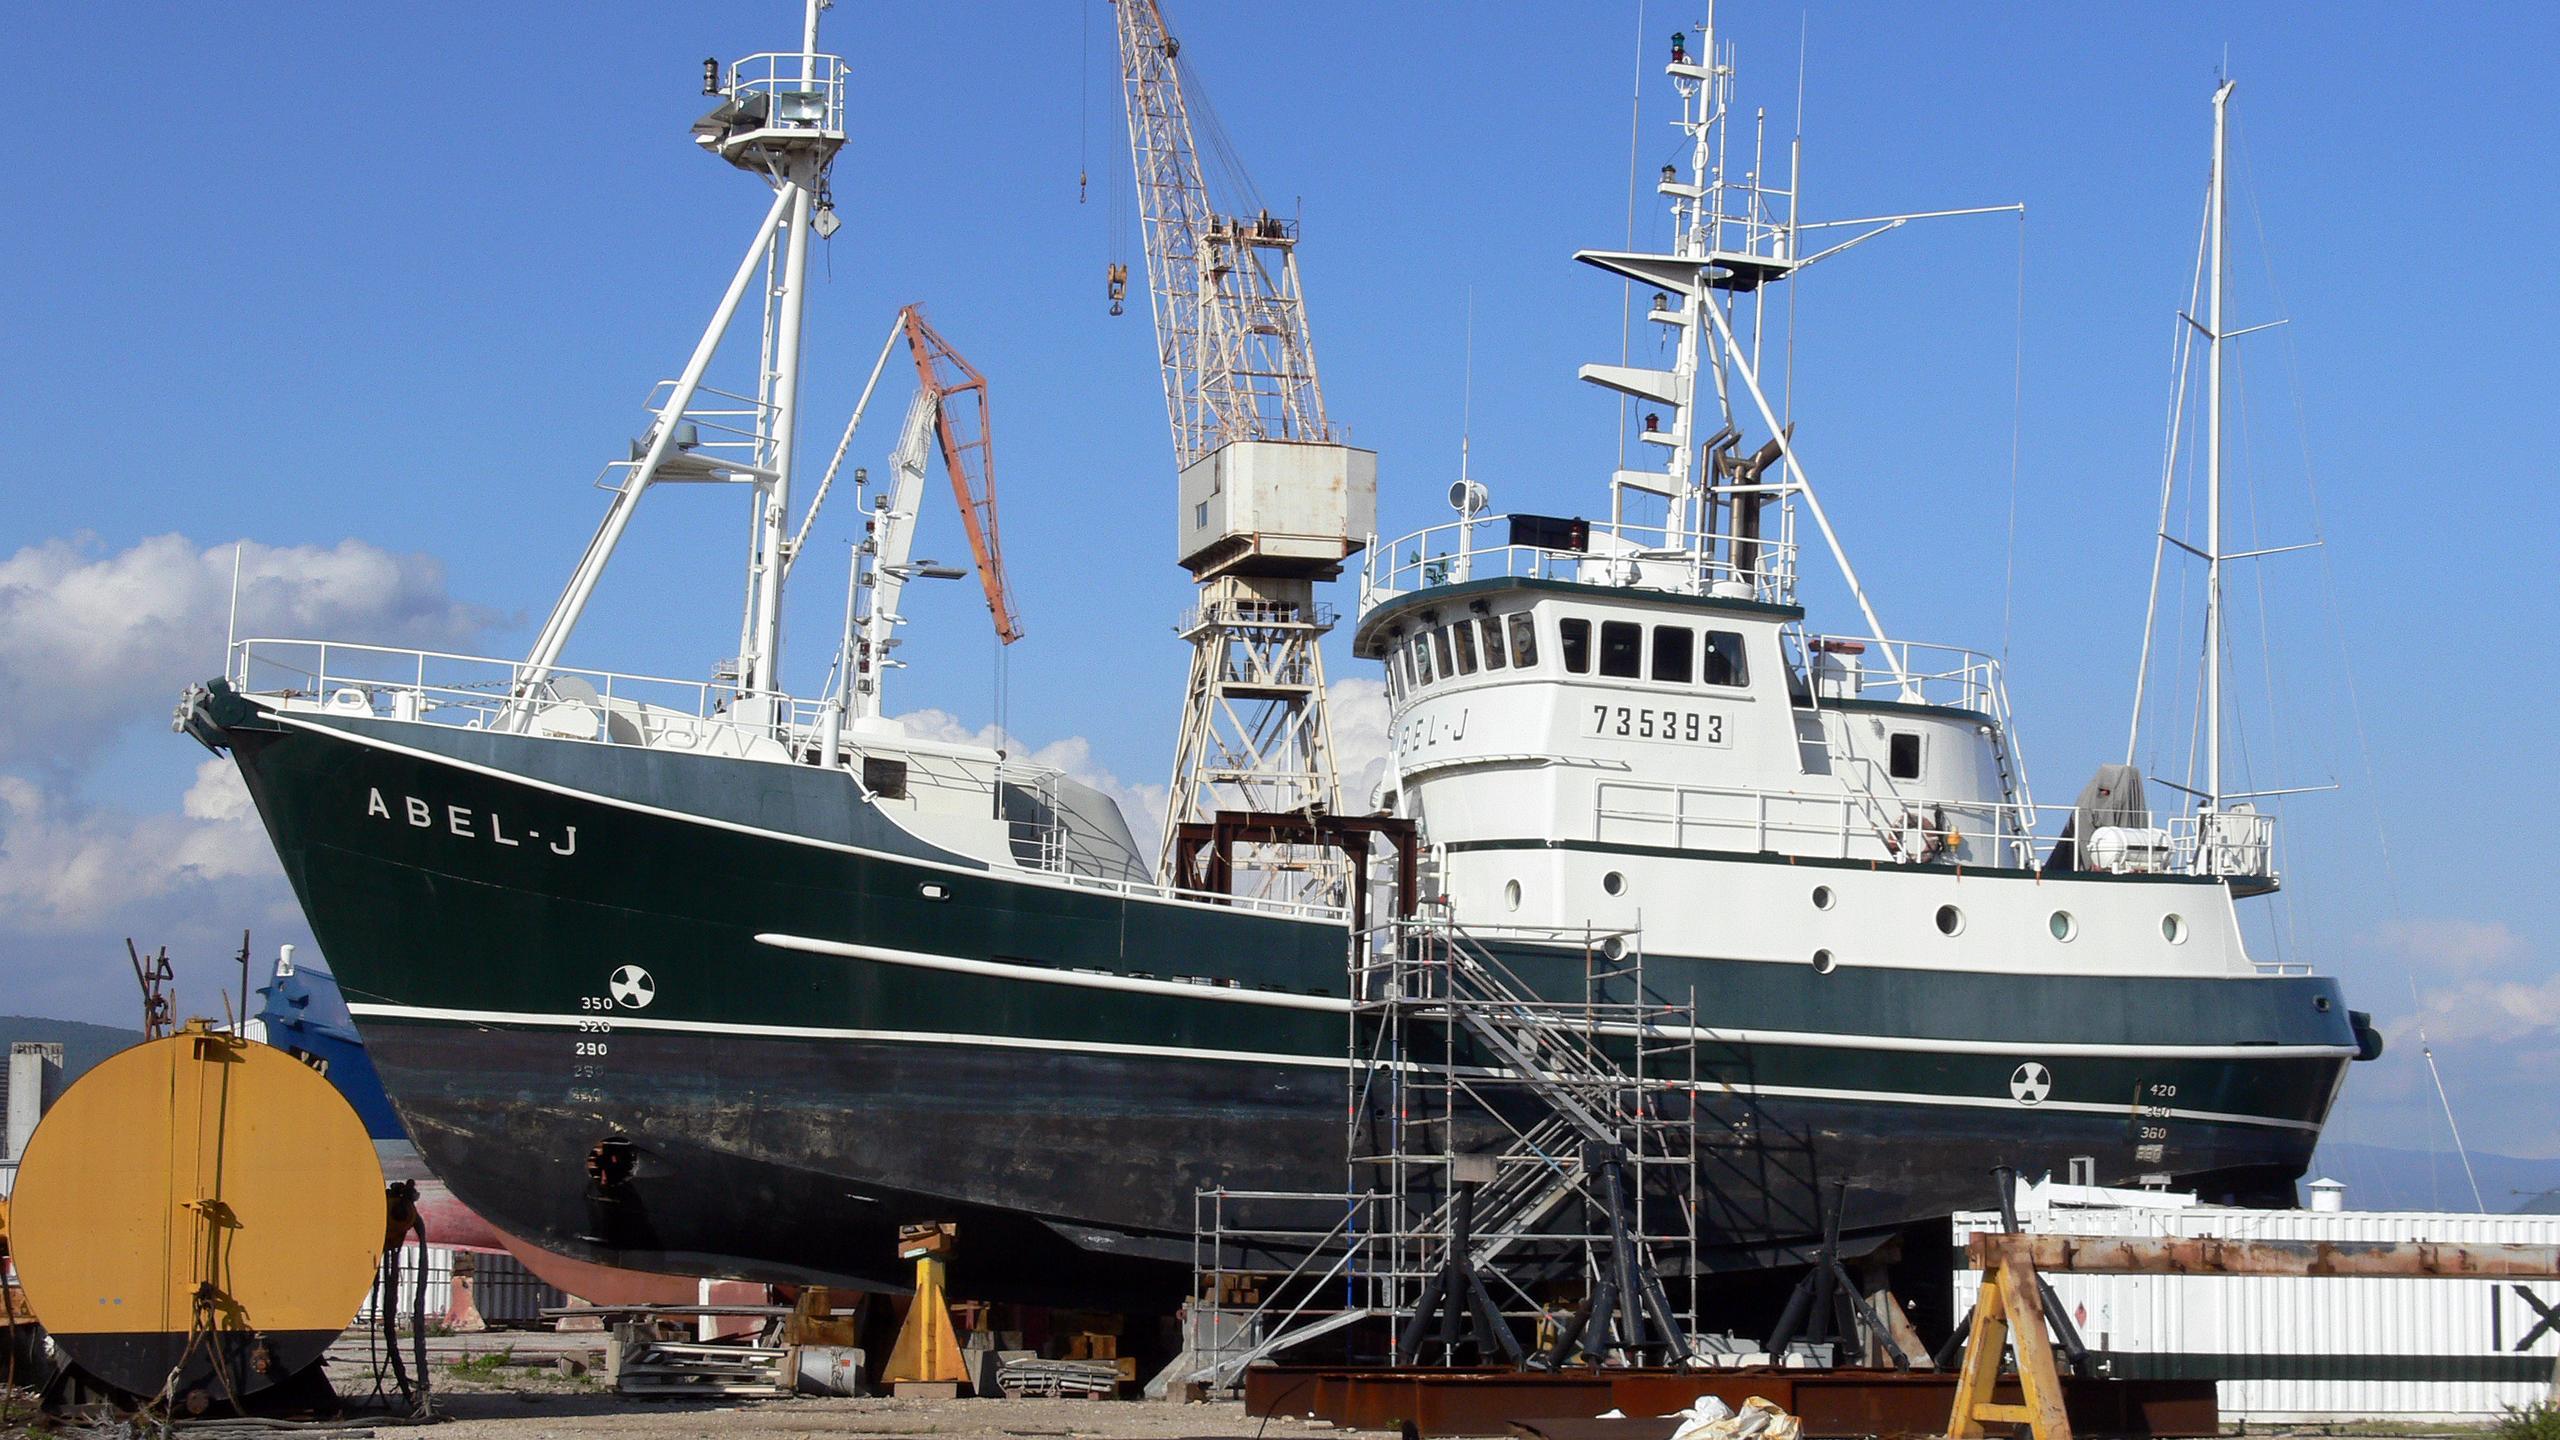 abel-j-explorer-yacht-goudy-stevens-1989-32m-dock